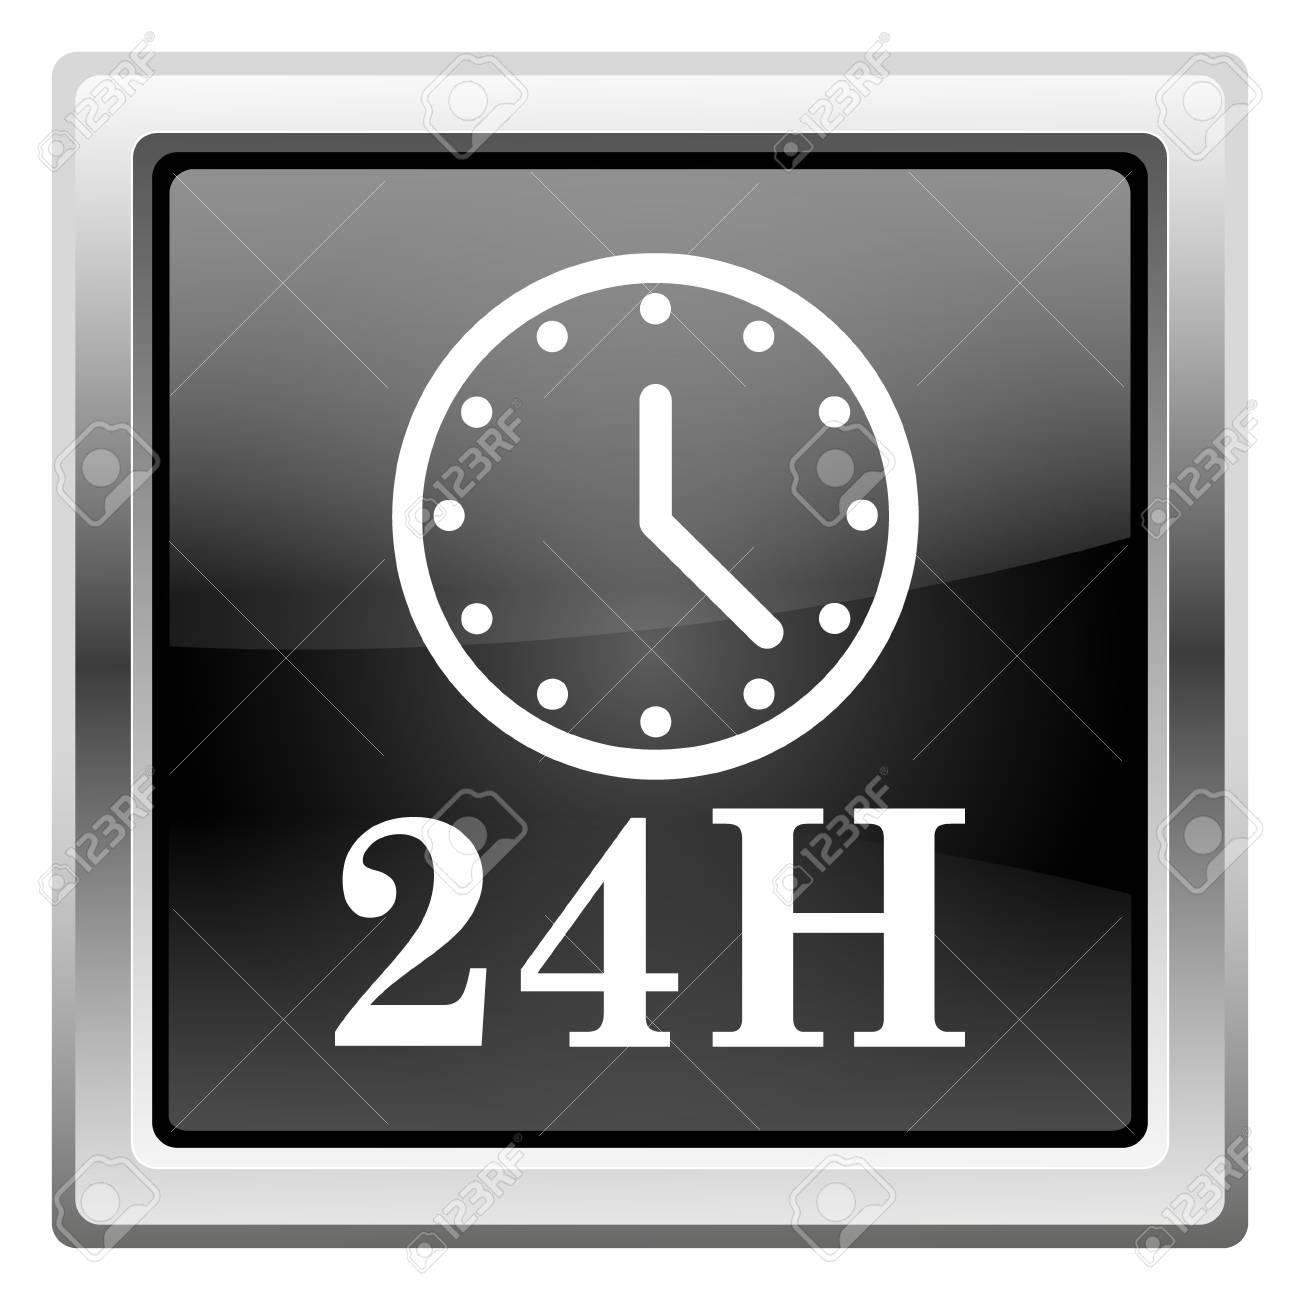 Metallic icon with white design on black background Stock Photo - 22495212